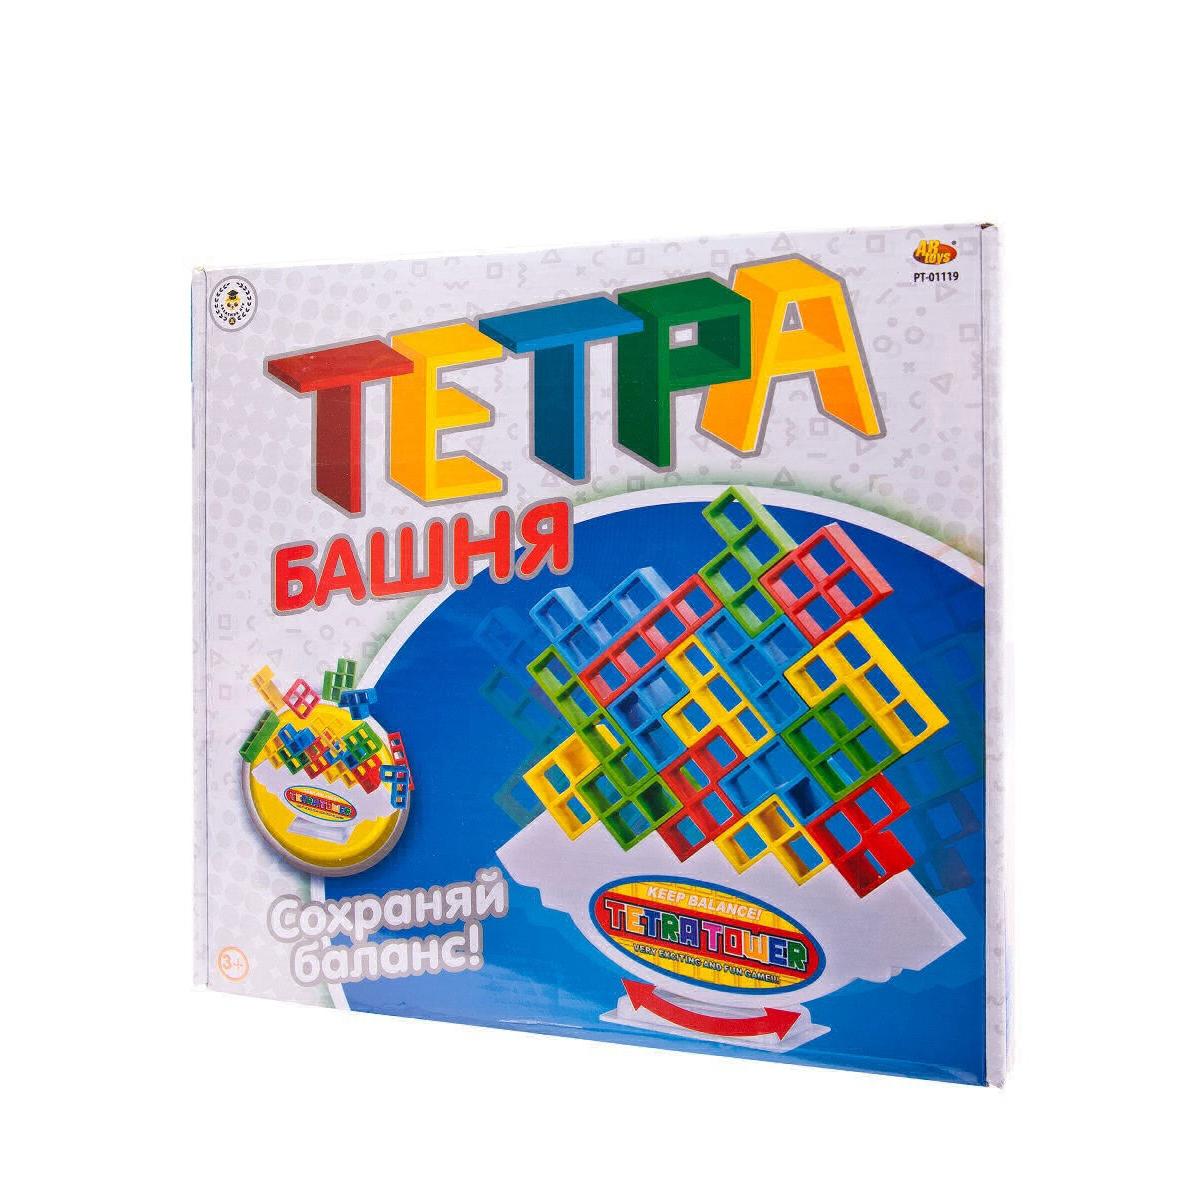 Игра настольная ABtoys Башня PT-01119 настольная игра abtoys мир домино pt 00820